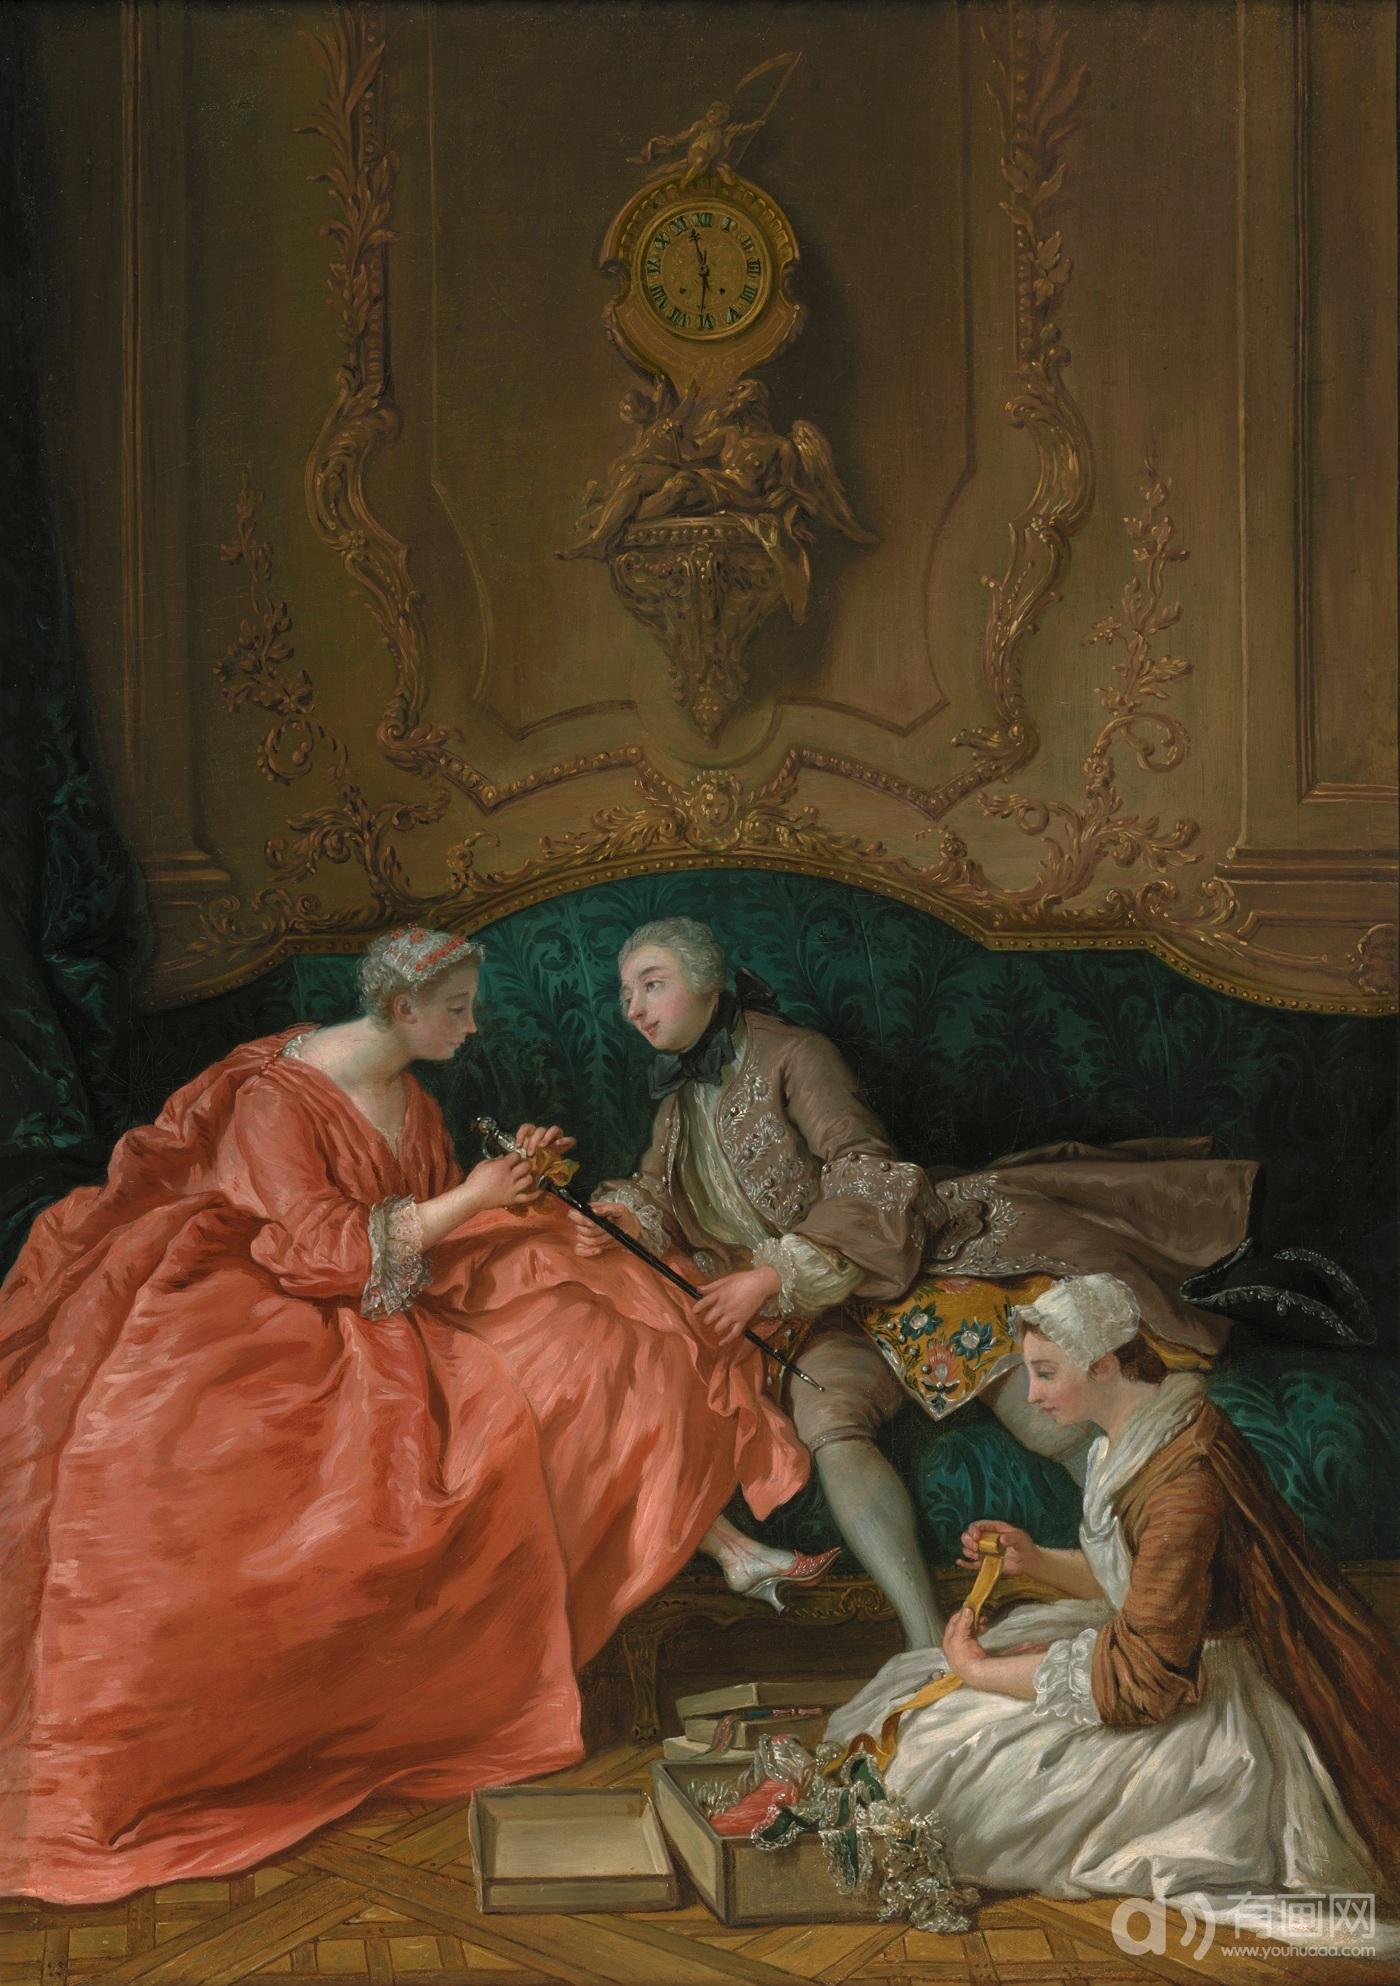 de Troy, 1734, Dame attachant un ruban a l epee d un cavalier coll part